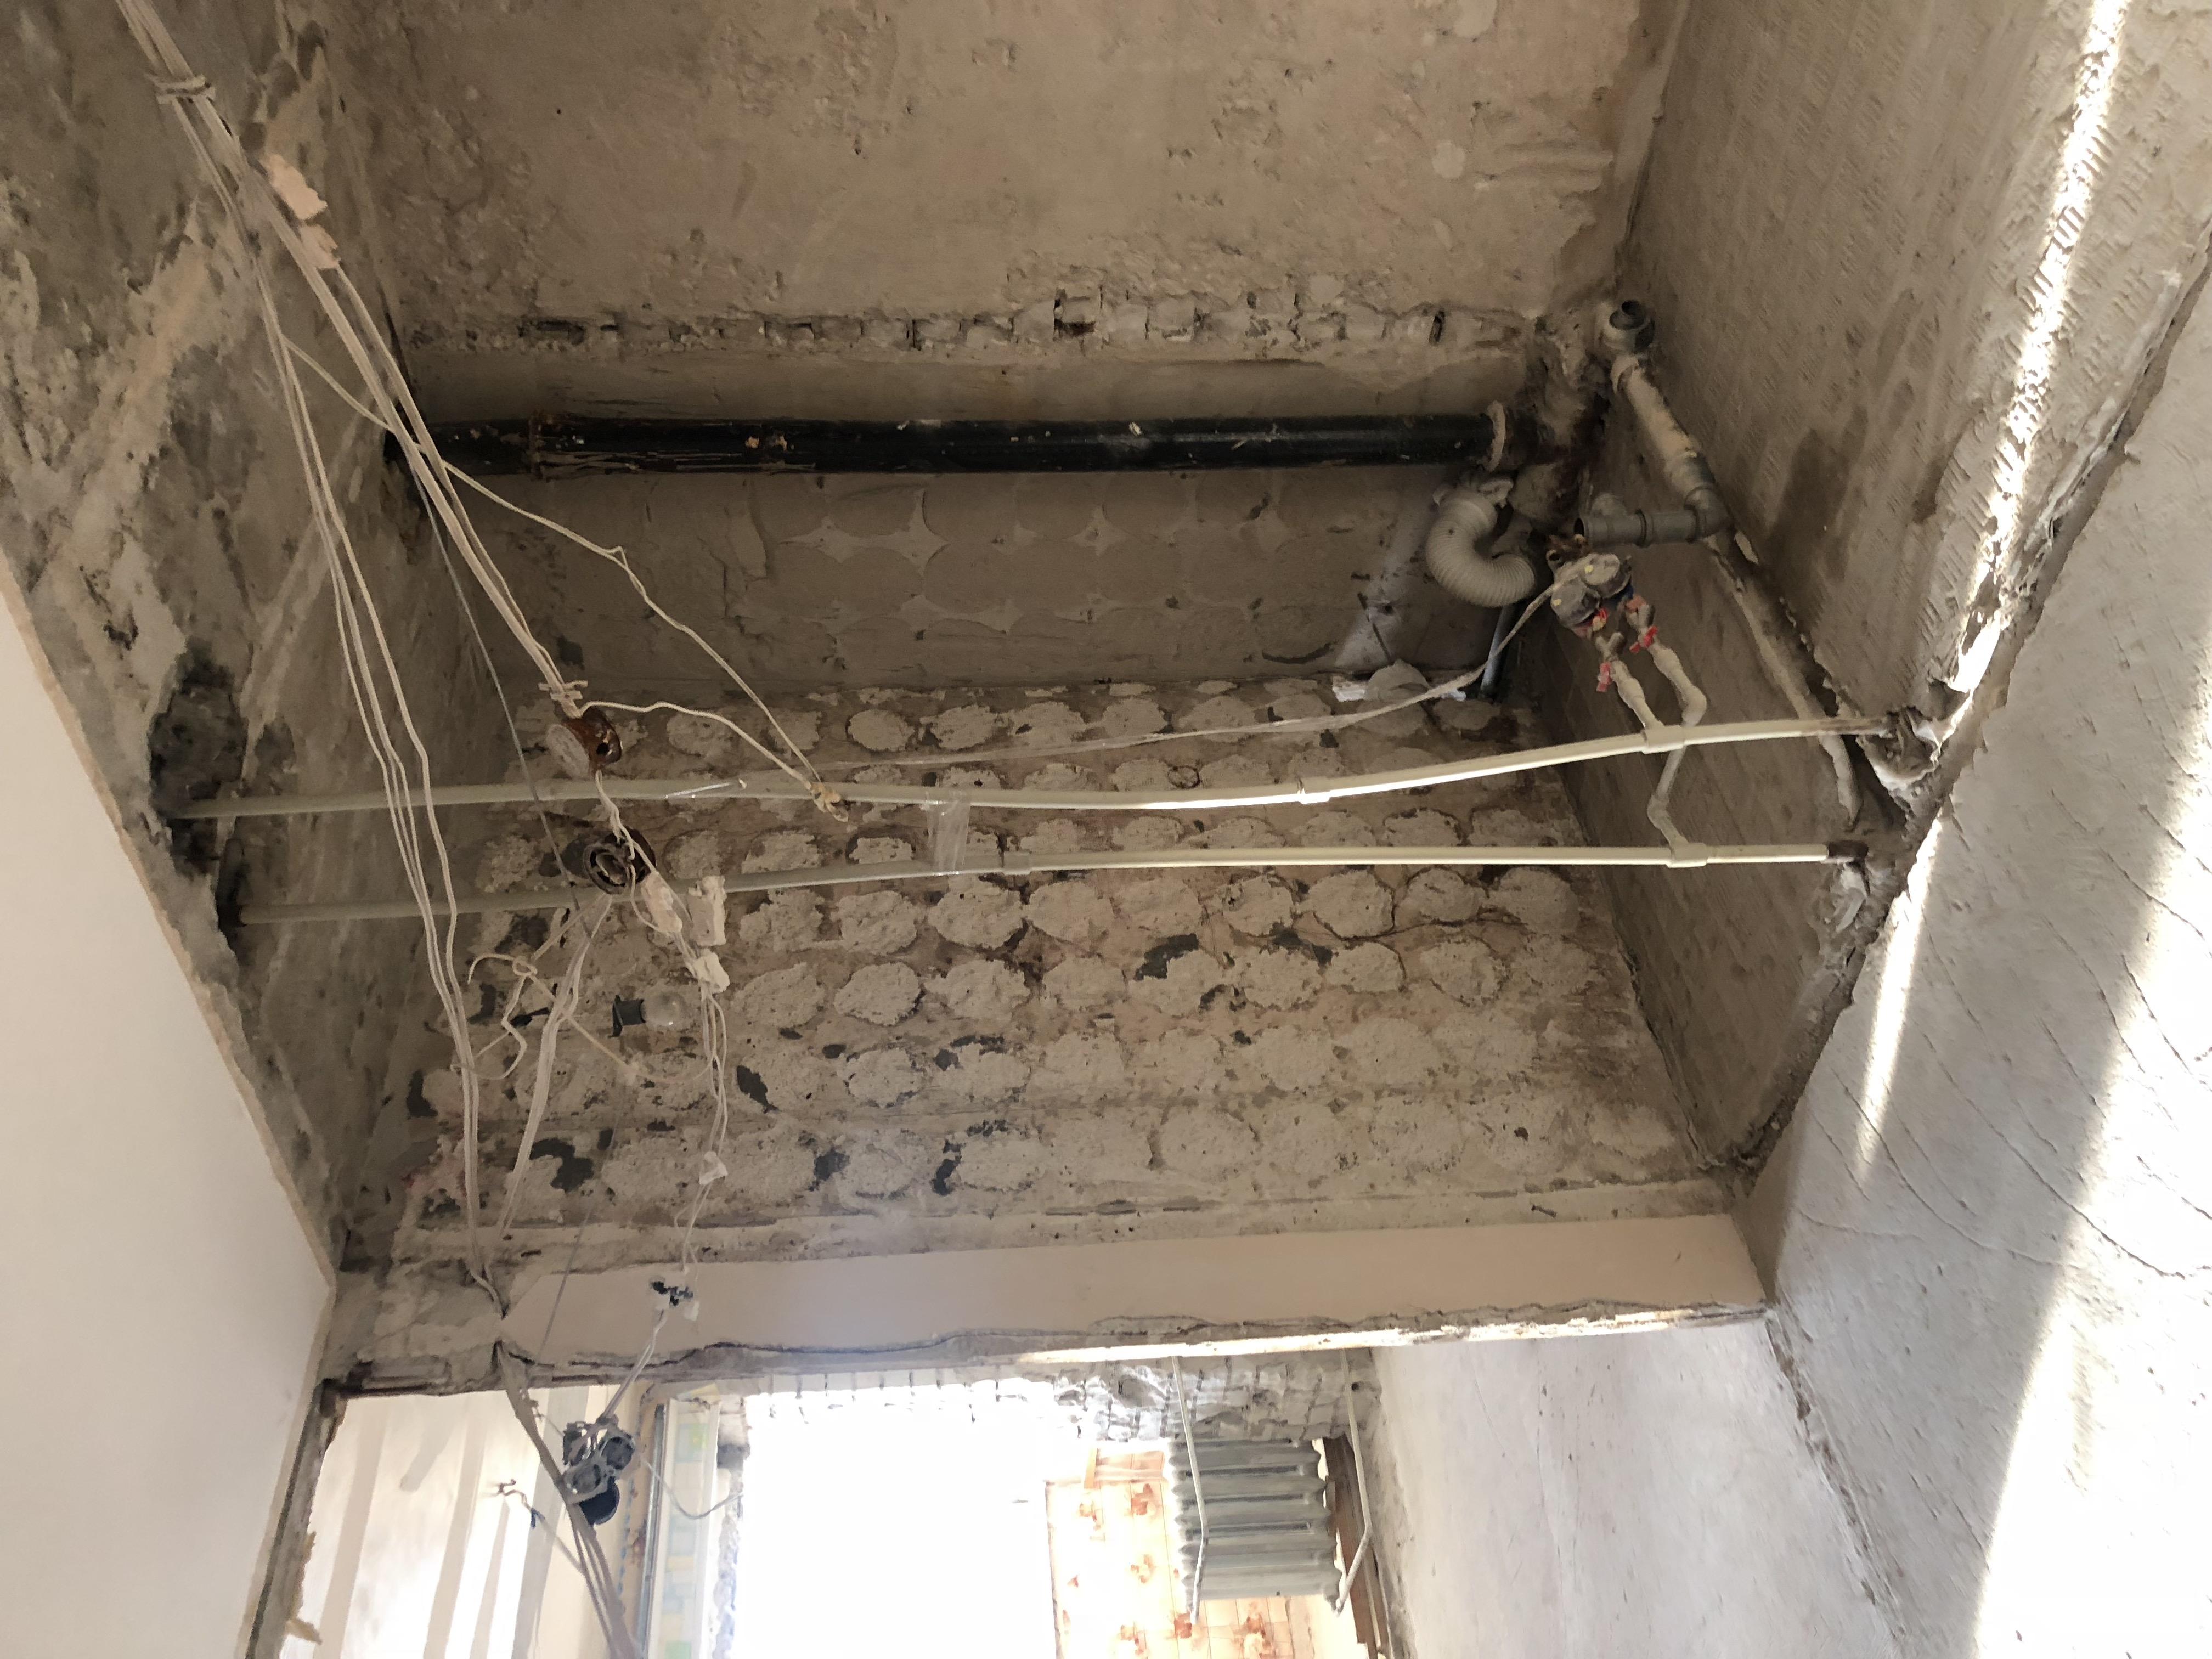 Фото Мы, компания Demontag.zp.ua, предлагаем Вам свои услуги по демонтажу сантехники в ванной. Быстро. Качественно. Звоните только нам.